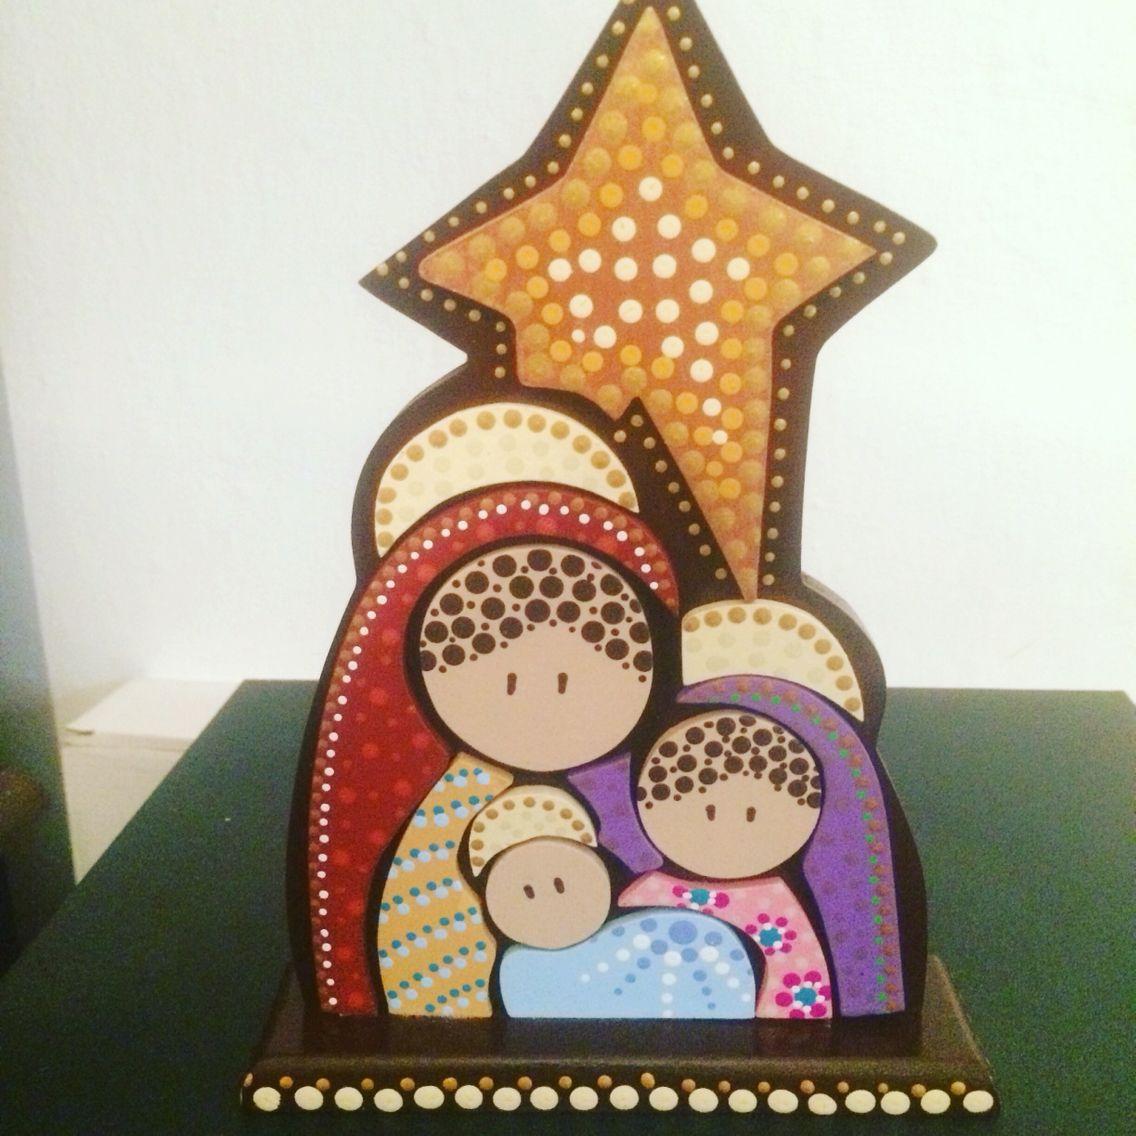 Nacimiento puntillismo pinterest manualidades for Manualidades souvenirs navidenos